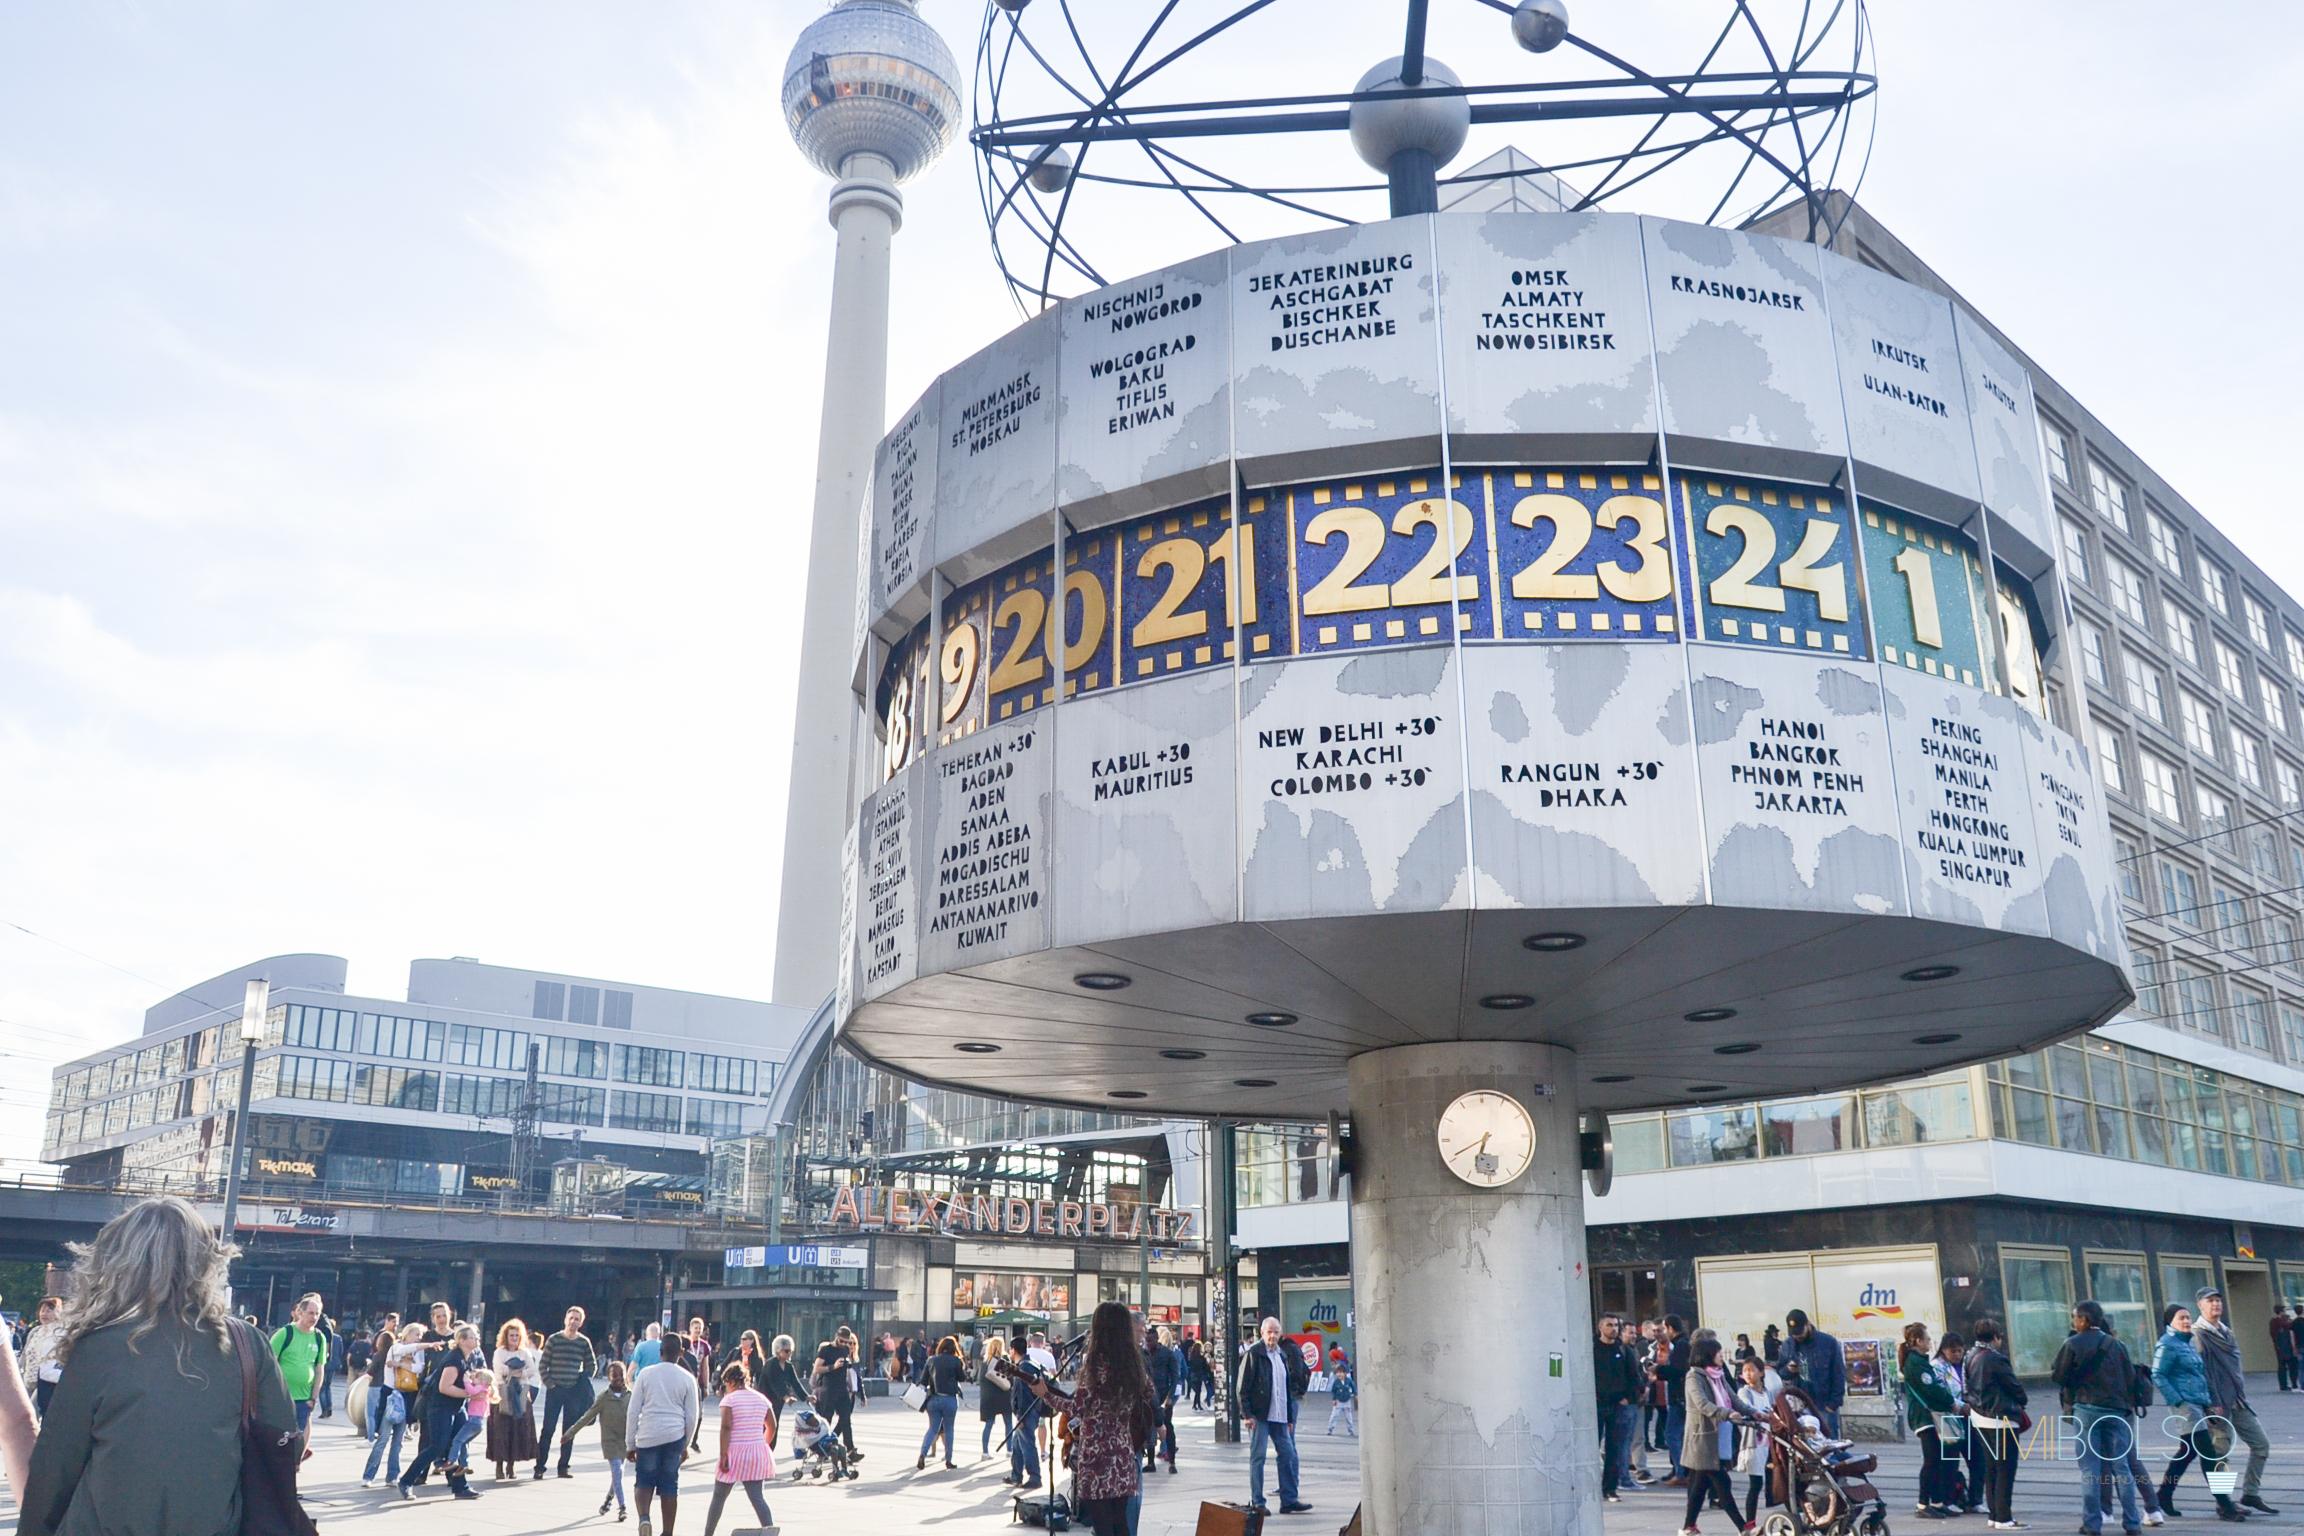 Alexander Platz-enmibolso